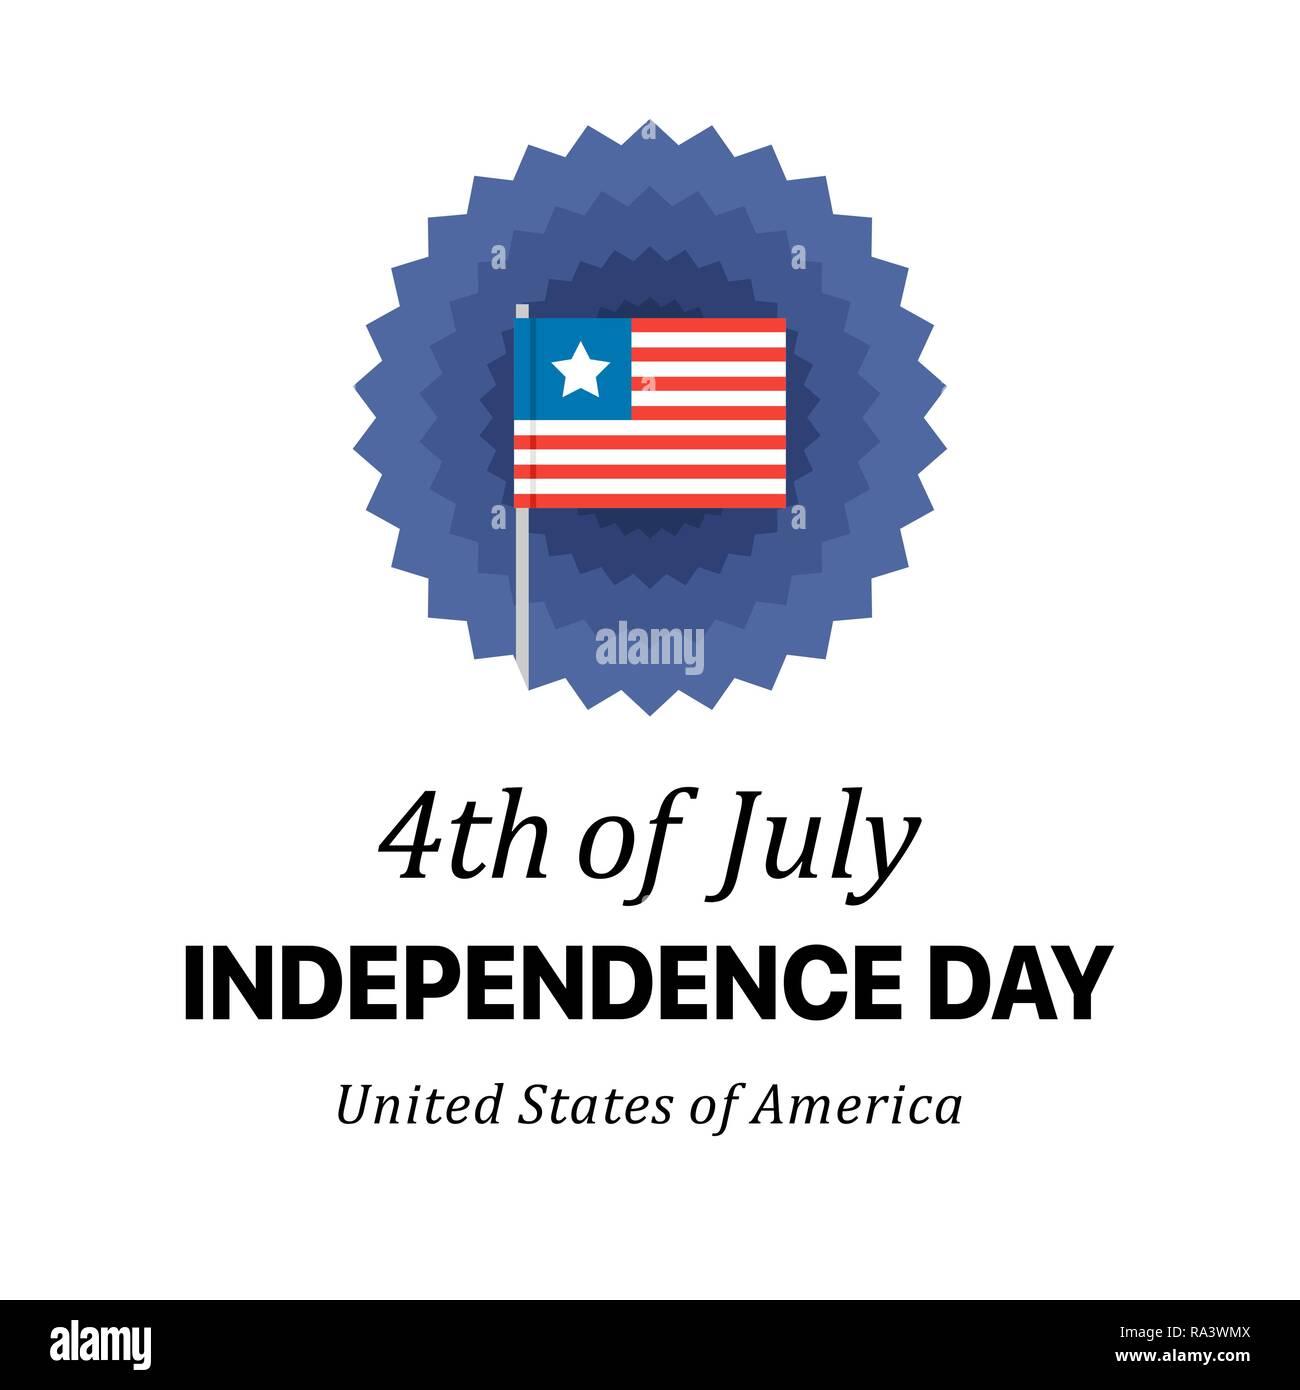 Maison de vacances patriotique le jour de l'indépendance de l'affiche. Télévision vector illustration du 4 juillet Photo Stock